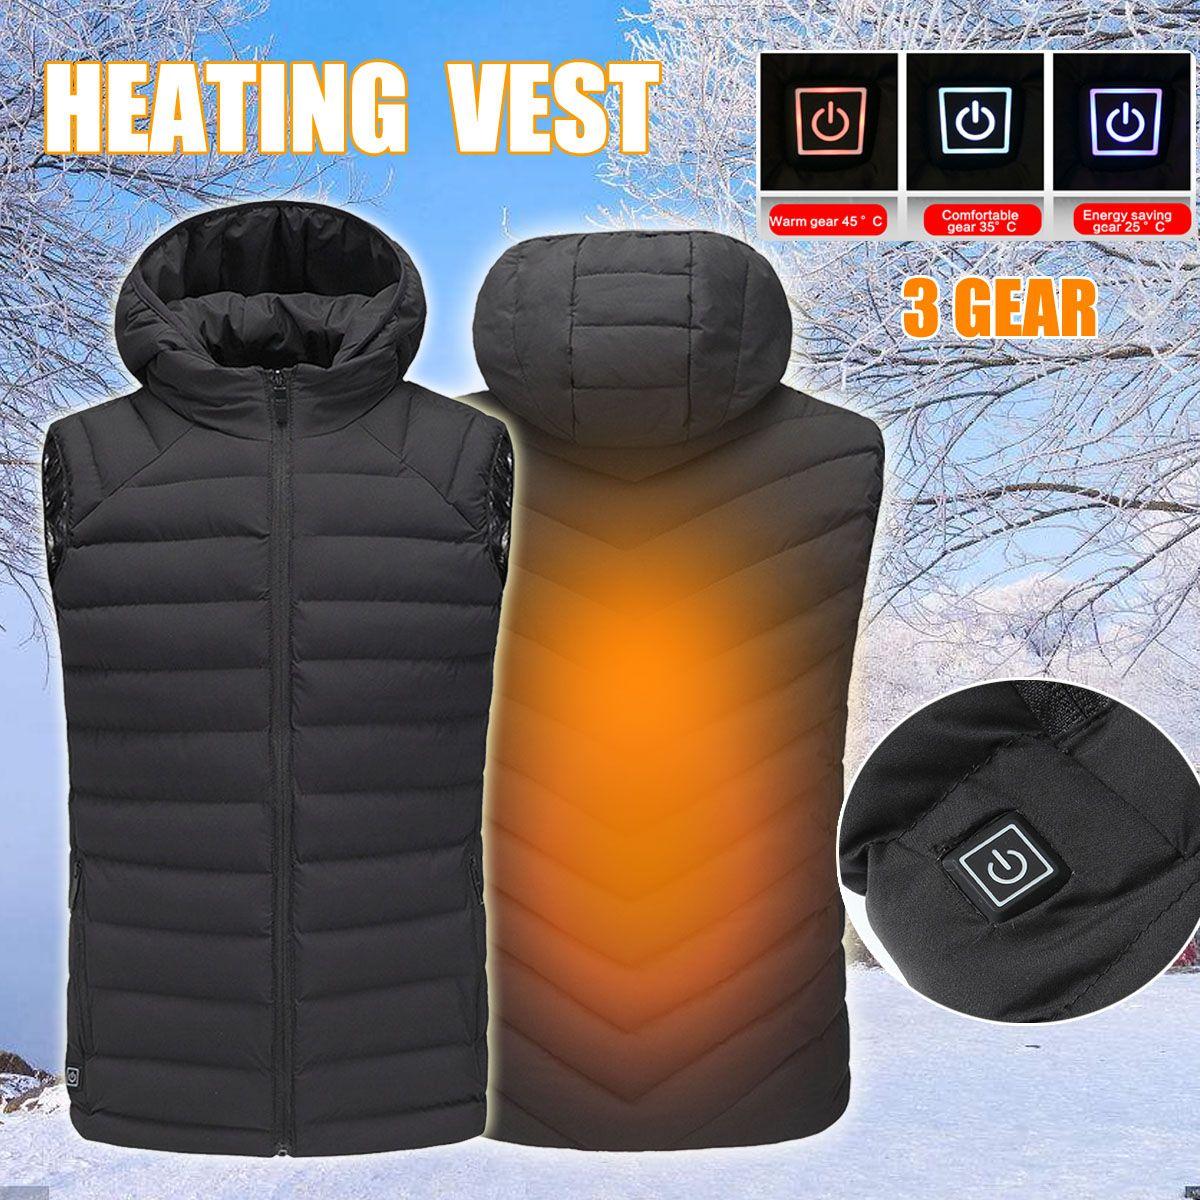 Safurance Herren Winter Sicherheit Weste Beheizte Weste USB Mit Kapuze Arbeit Jacke Sicherheit Arbeit Einstellbare Temperatur Control Kleidung